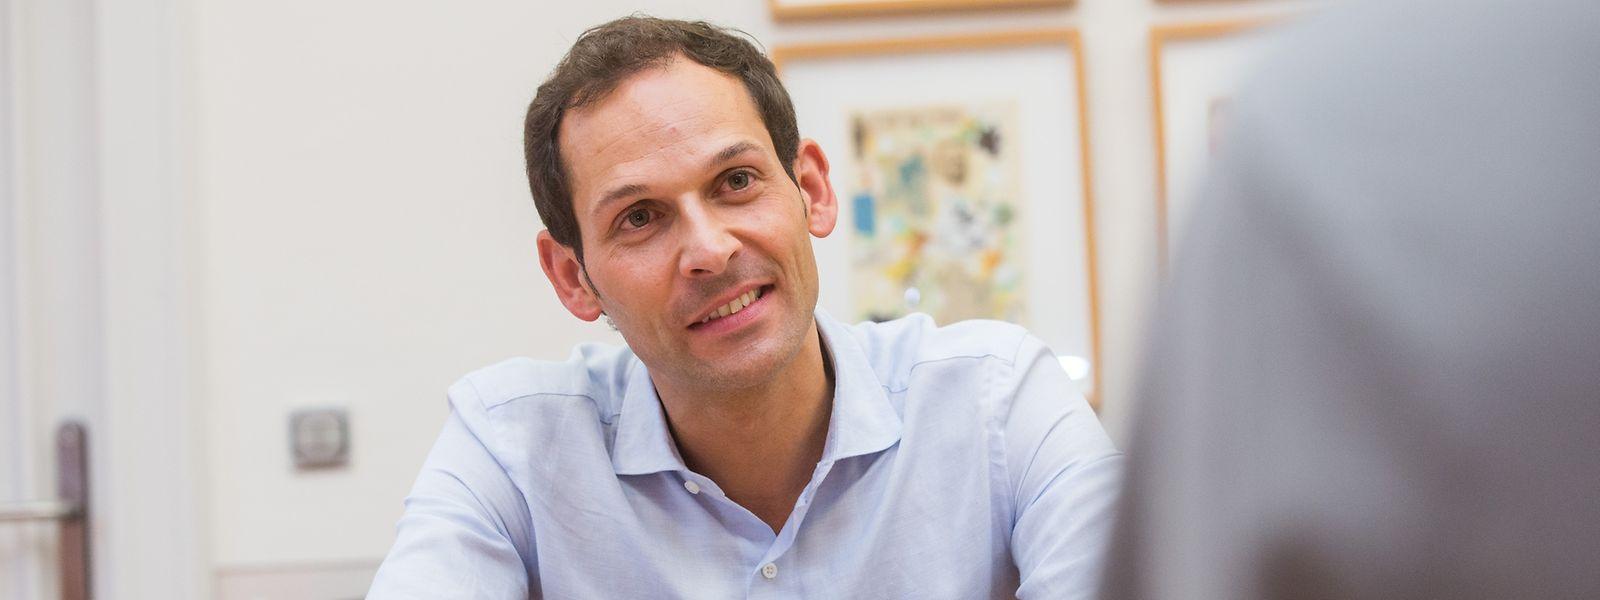 Düdelingens Bürgermeister Dan Biancalana hat kein Verständnis für die Aussagen von Flavio Becca.